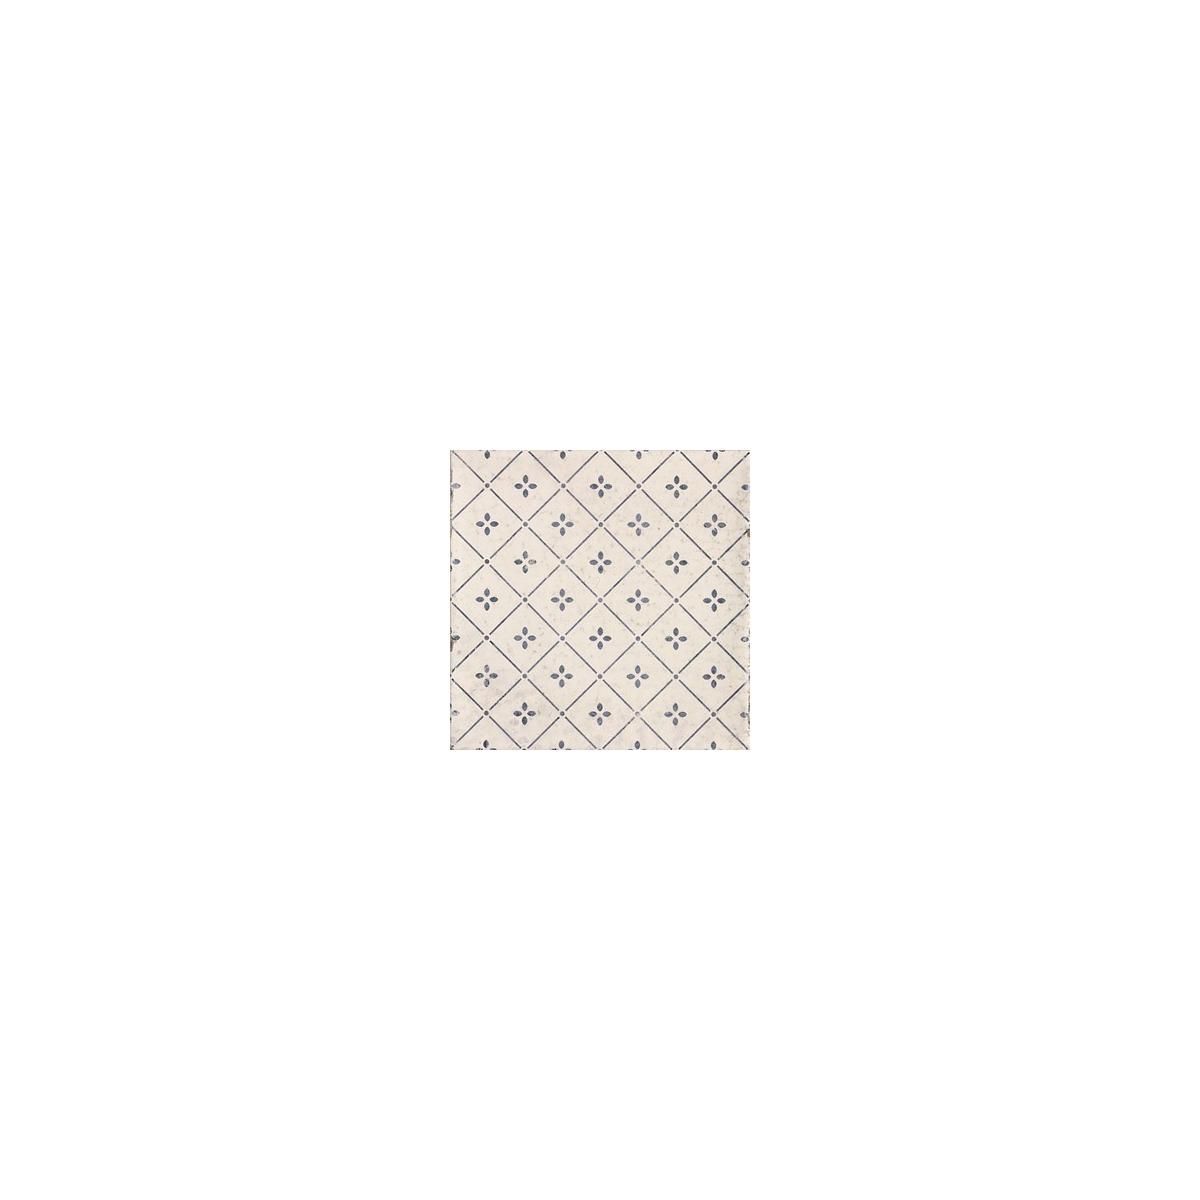 Decor Antiqua (m2) - Azulejos para interiores como Entrada Colección Milano de Mainzu